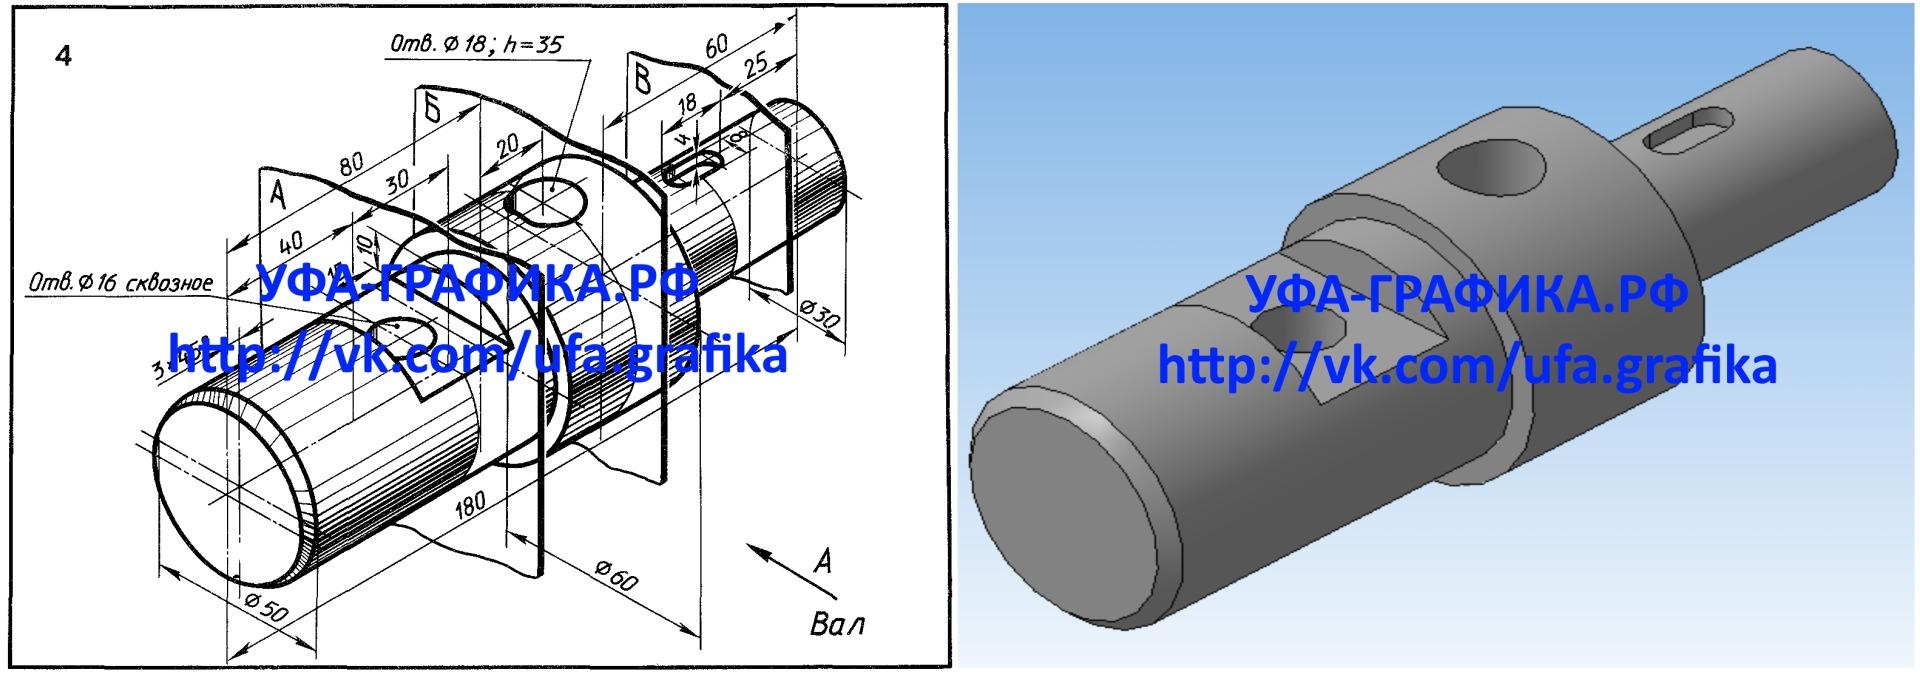 Сечения вала - Вариант 4, чертежи, деталирование, 3Д модели, начертательная геометрия, инженерная графика